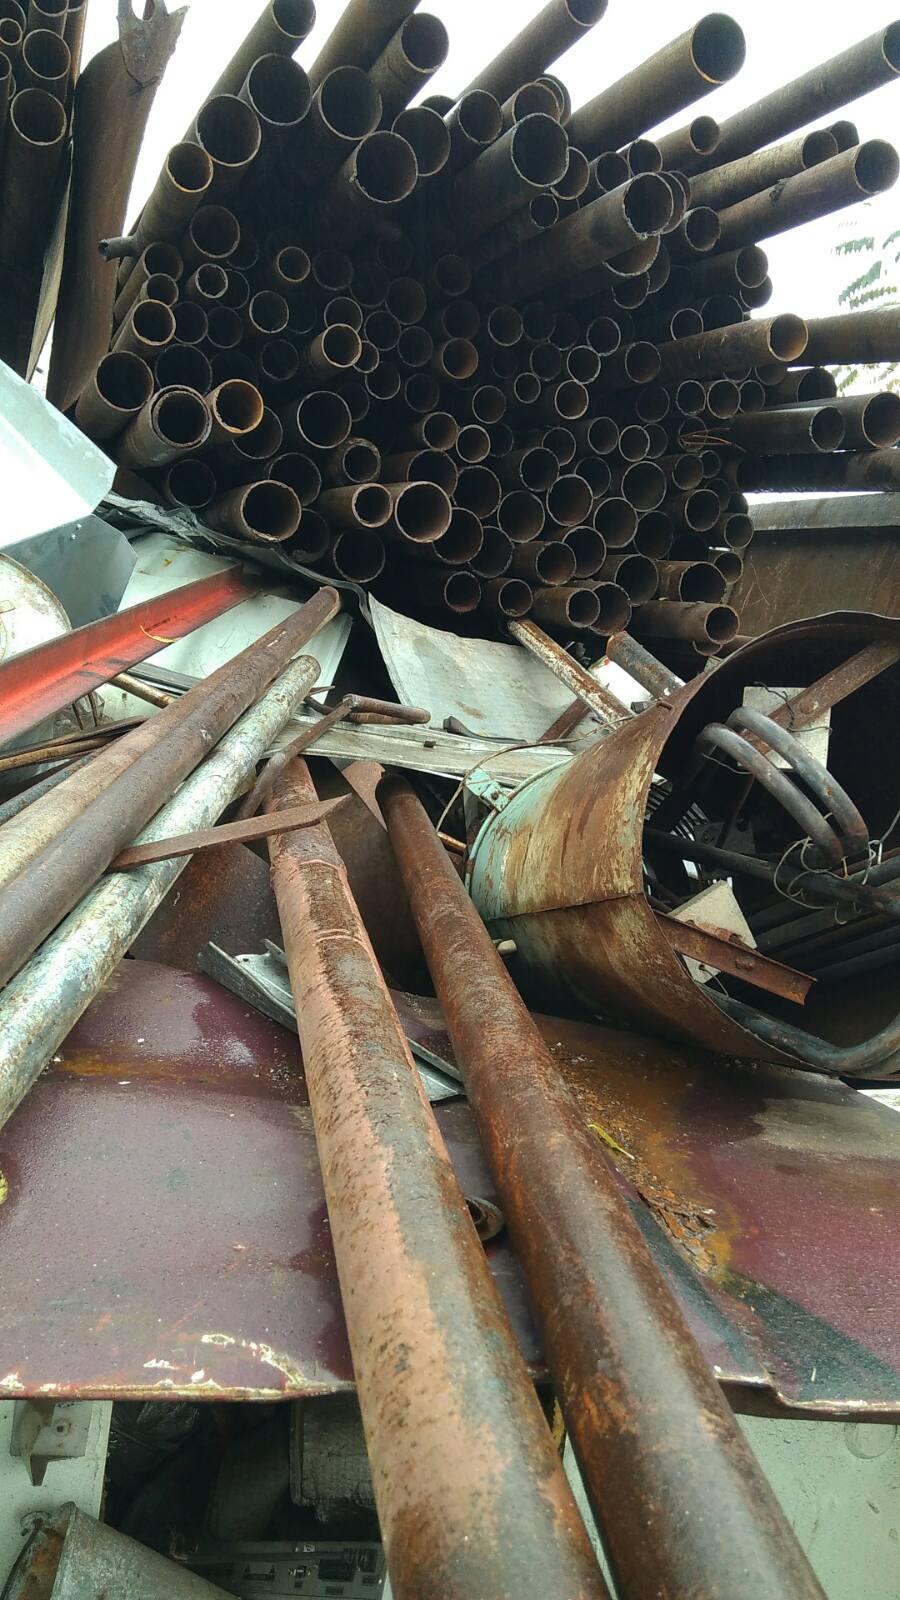 Купити б.у. труби. Металеві труби 100 мм